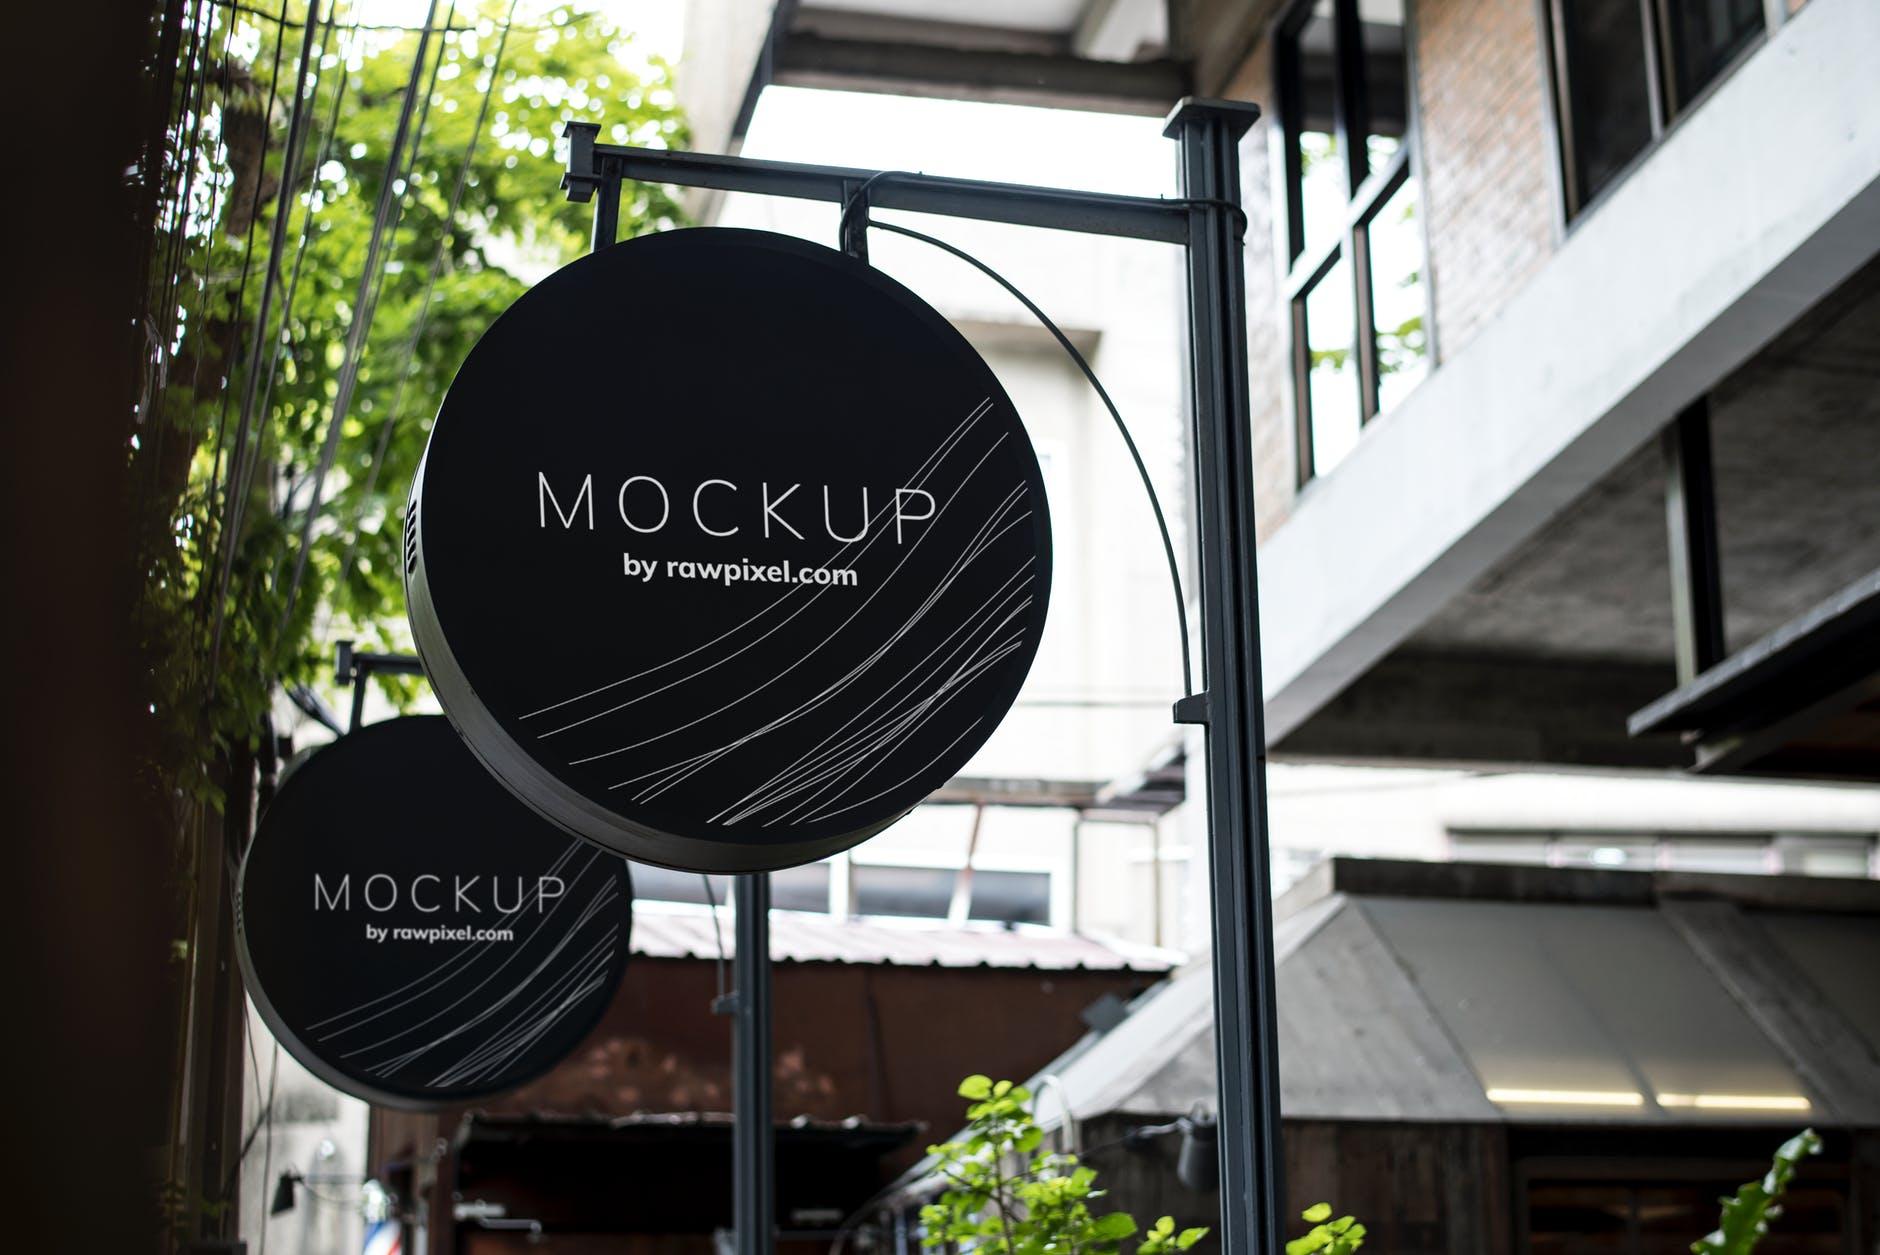 round black mockup signage